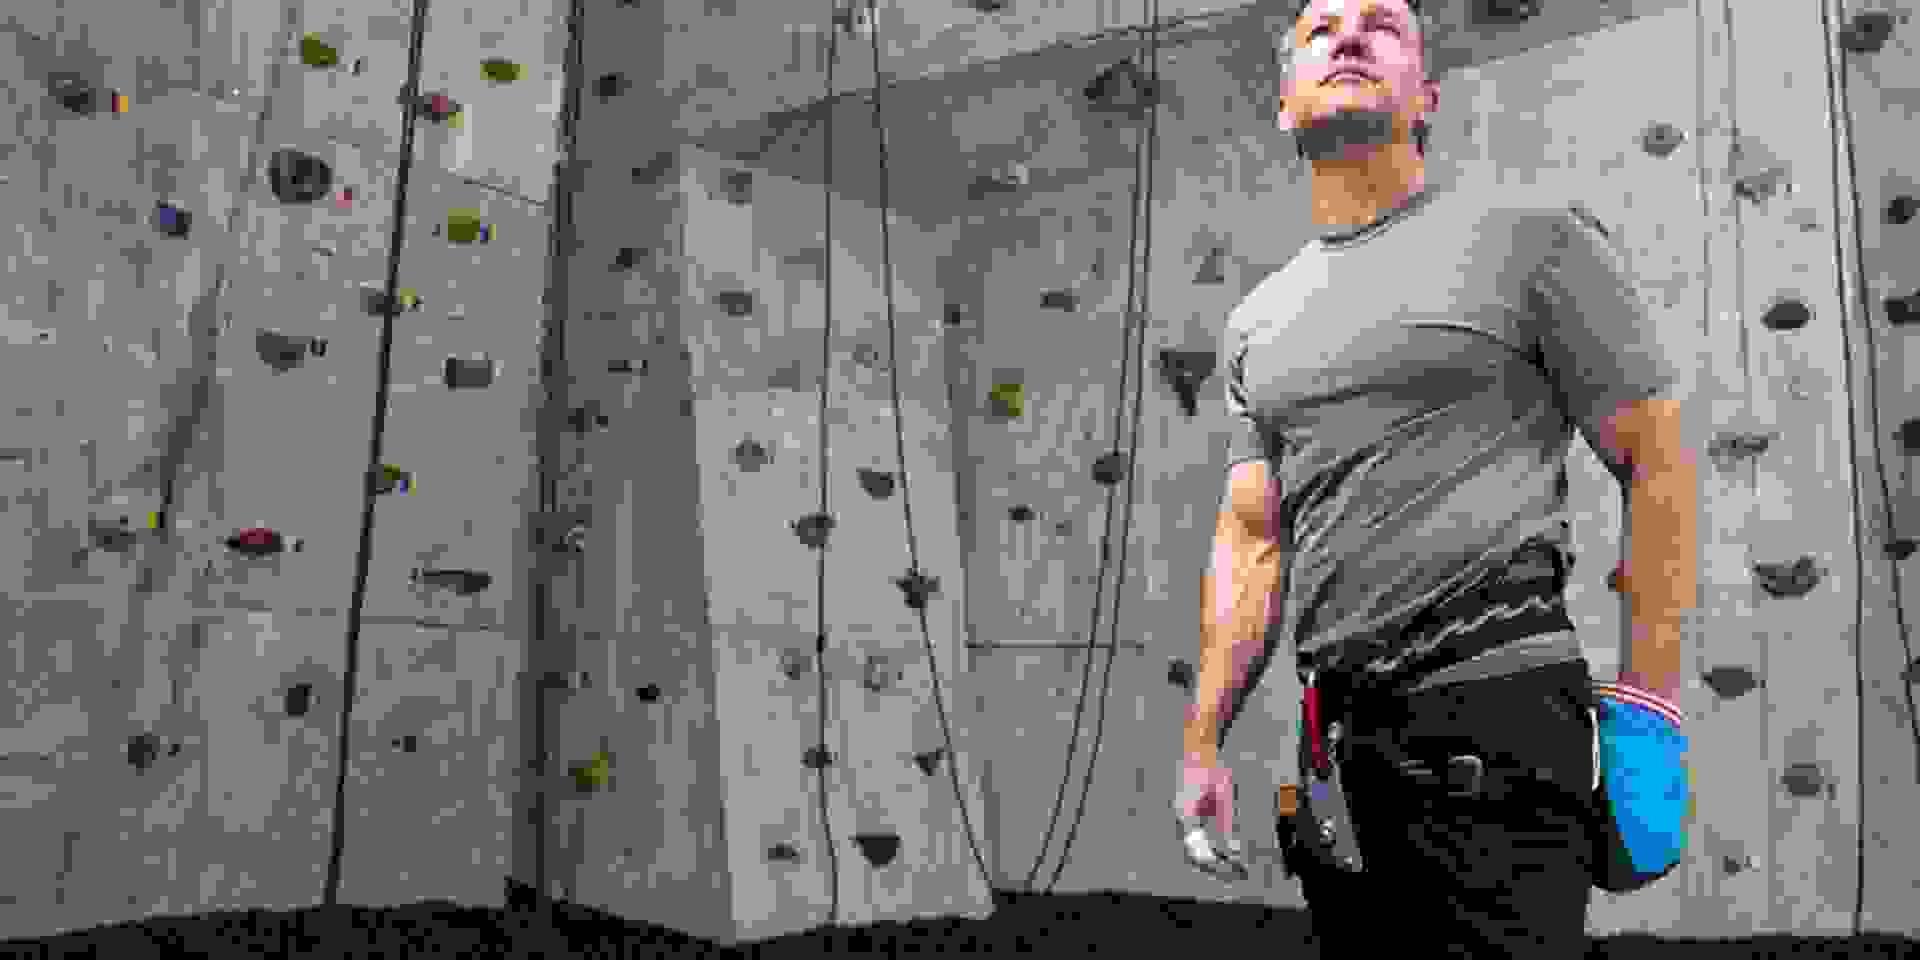 Ein Mann bereitet sich in einer Kletterhalle aufs Wettkapmfklettern vor